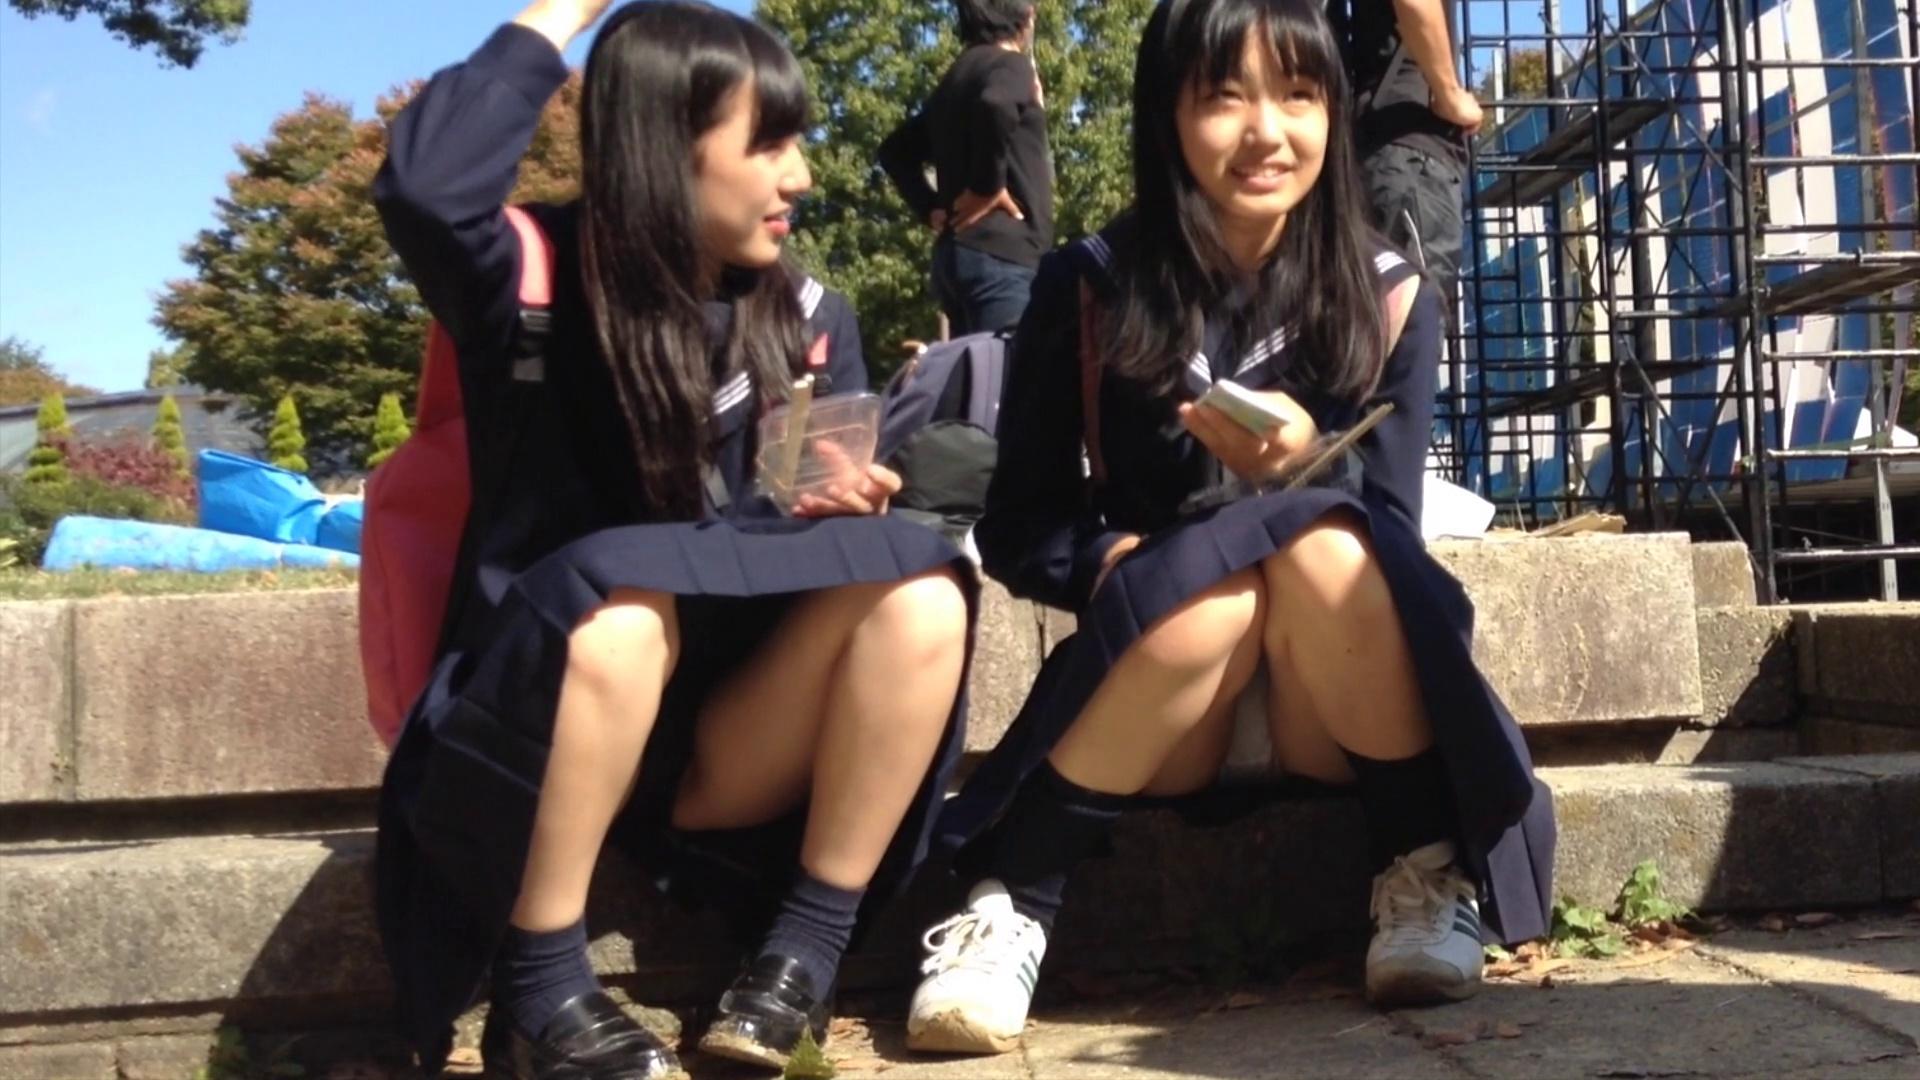 こんなJK達と手を繋いで通学する青春を送りたかった陰キャの妄想街撮り画像wwwwwwww Fj2dV0S